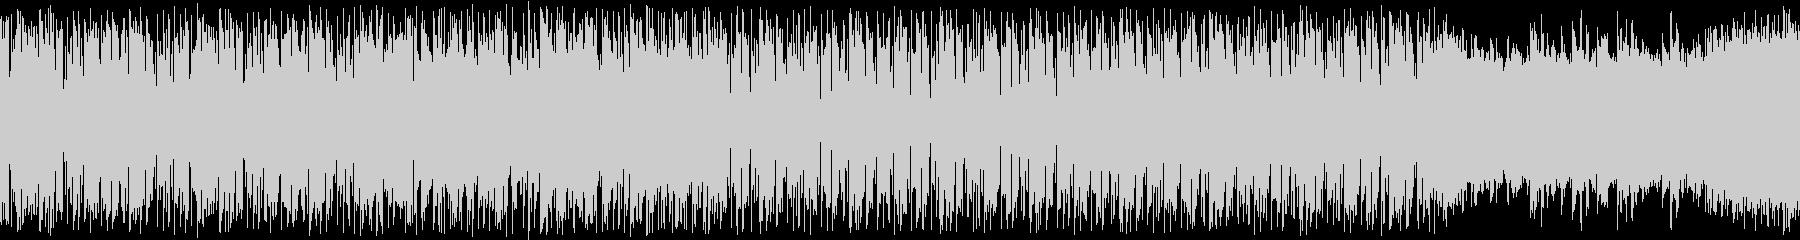 【ループ用】お洒落で怪しいゲームBGM2の未再生の波形